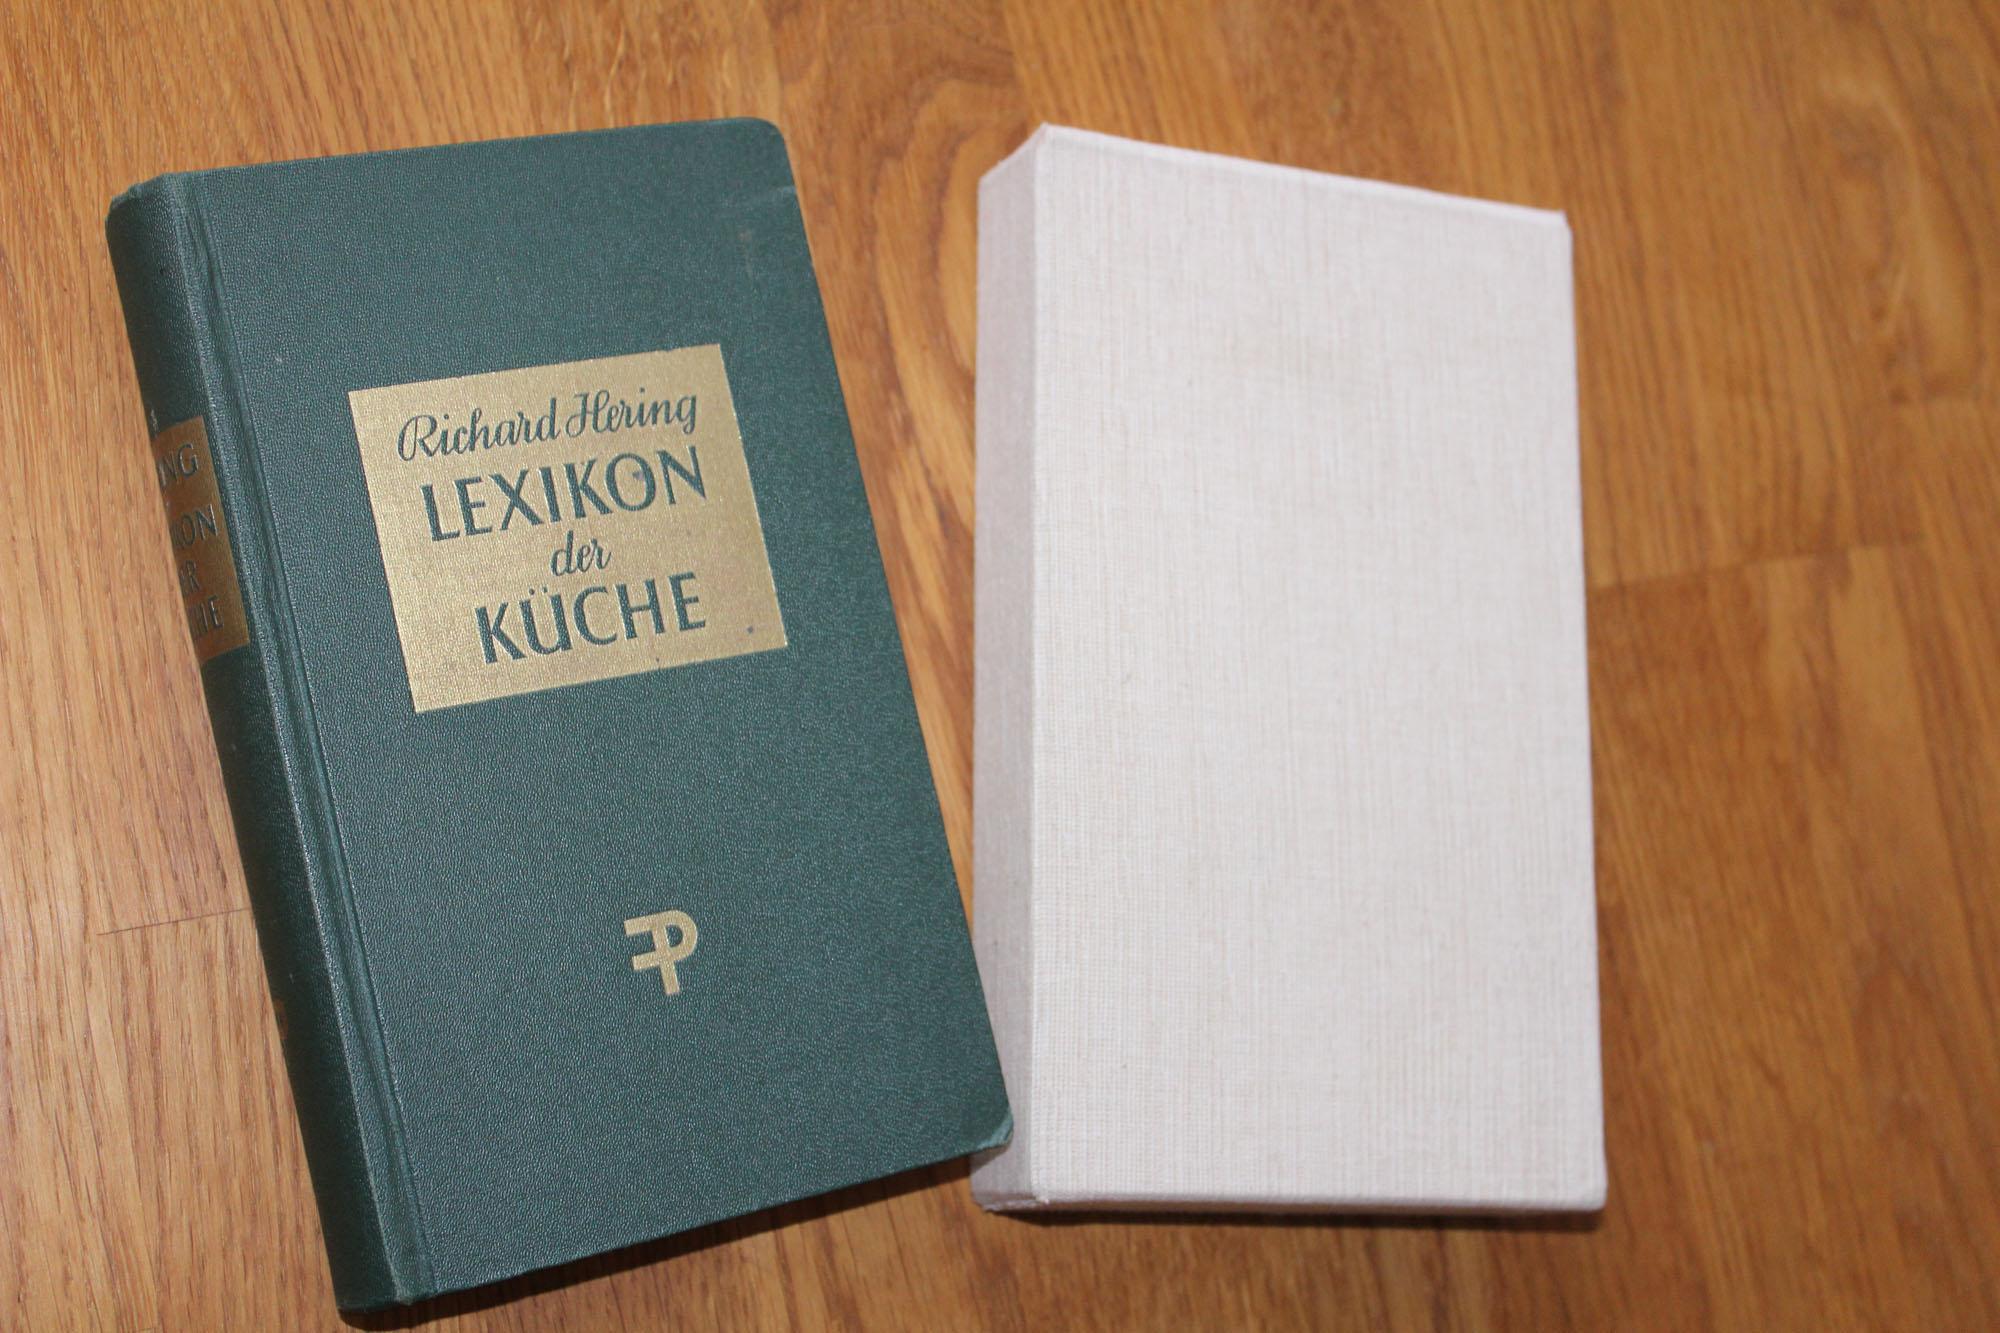 hering - lexikon der küche - zvab - Herings Lexikon Der Küche